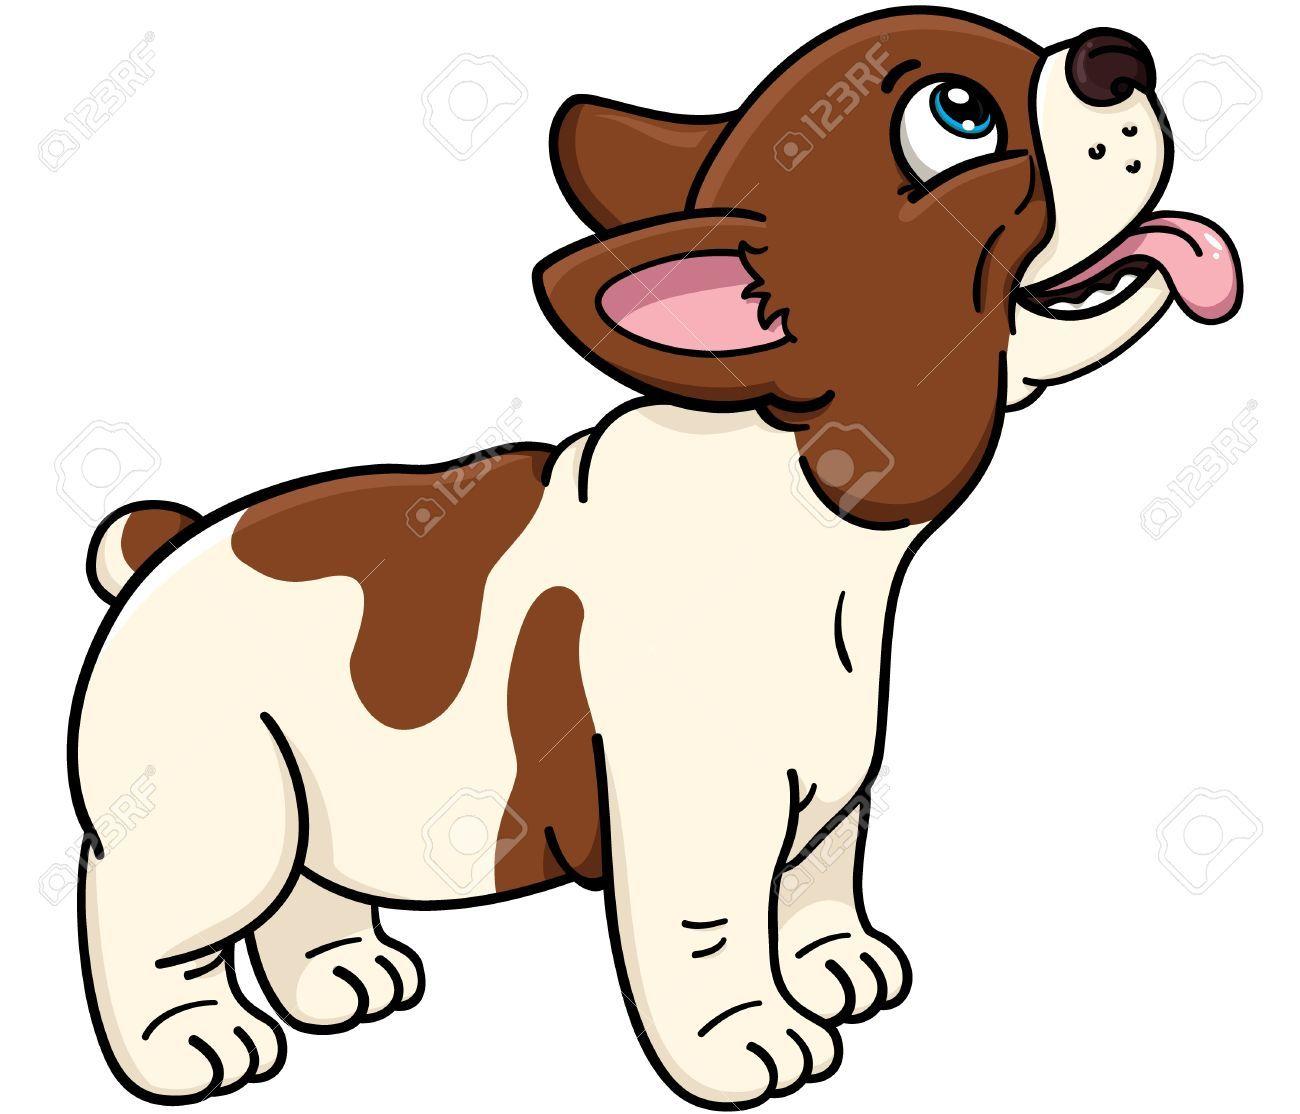 Image associ e chien pinterest chien chat humour et chat - Image de chien dessin ...